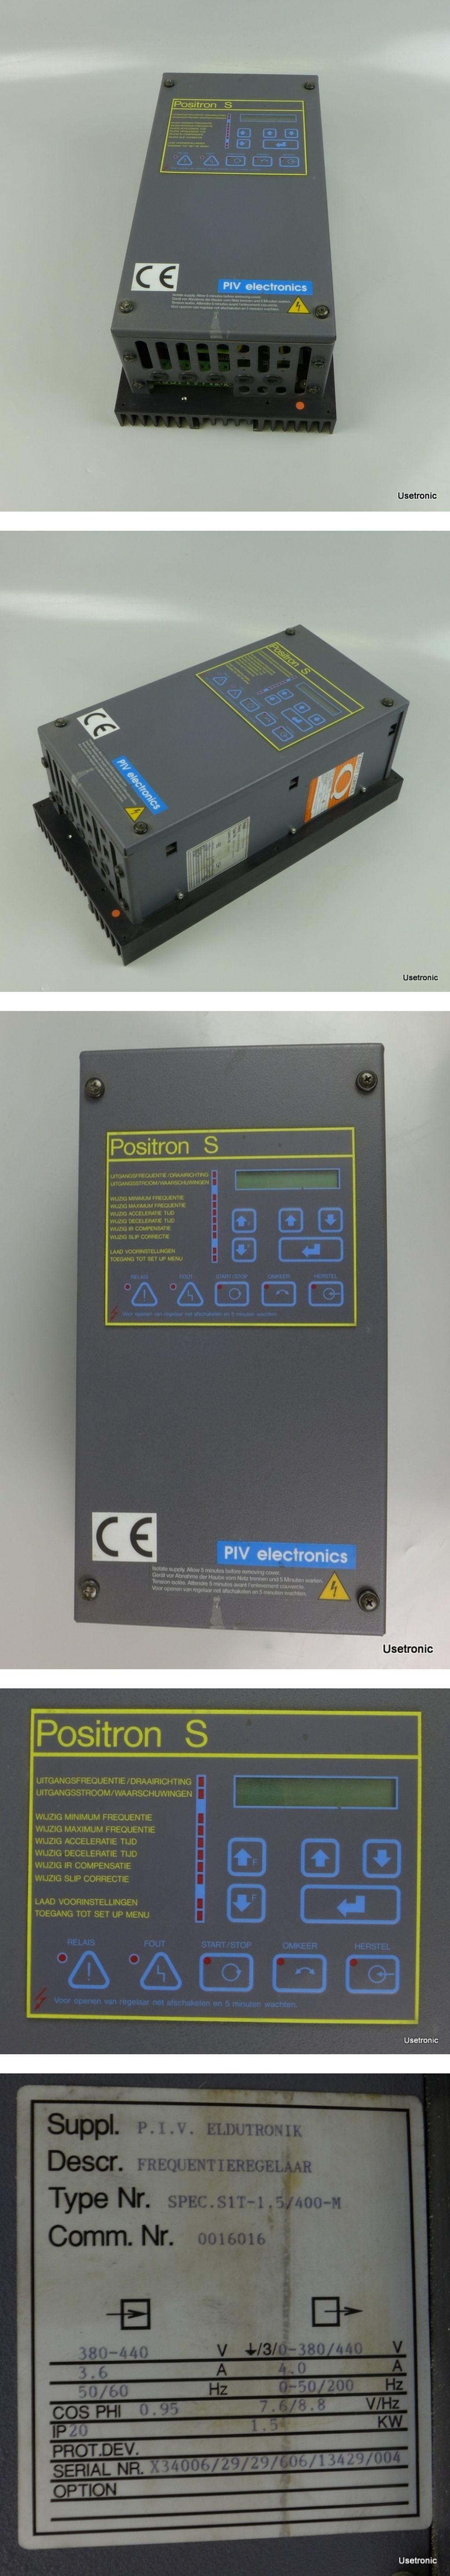 SPEC.S1T-1,5/400-M